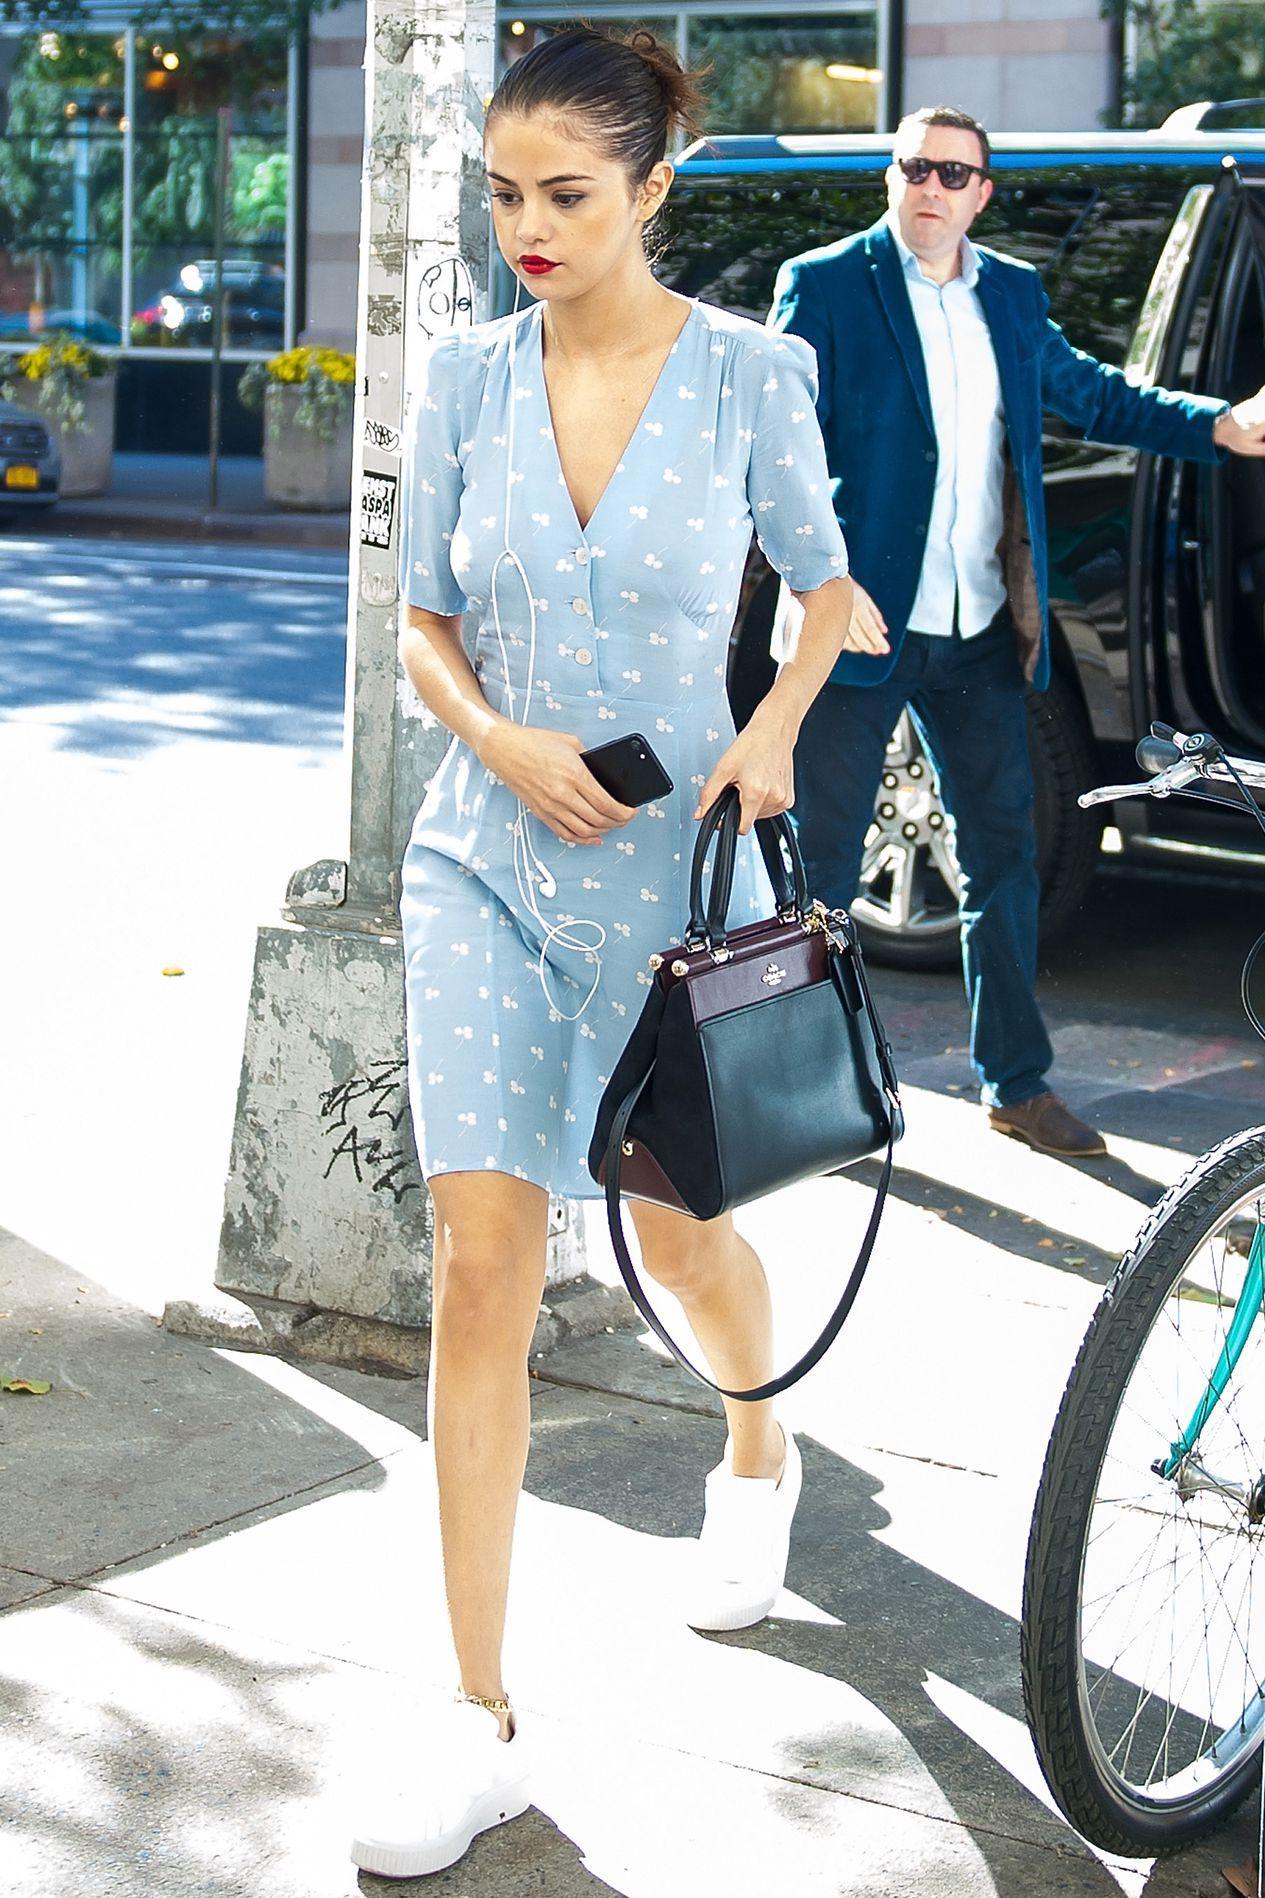 碎花洋裝, 小白鞋, 白球鞋, 印花洋裝, 洋裝穿搭, 女星私服, 穿搭筆記